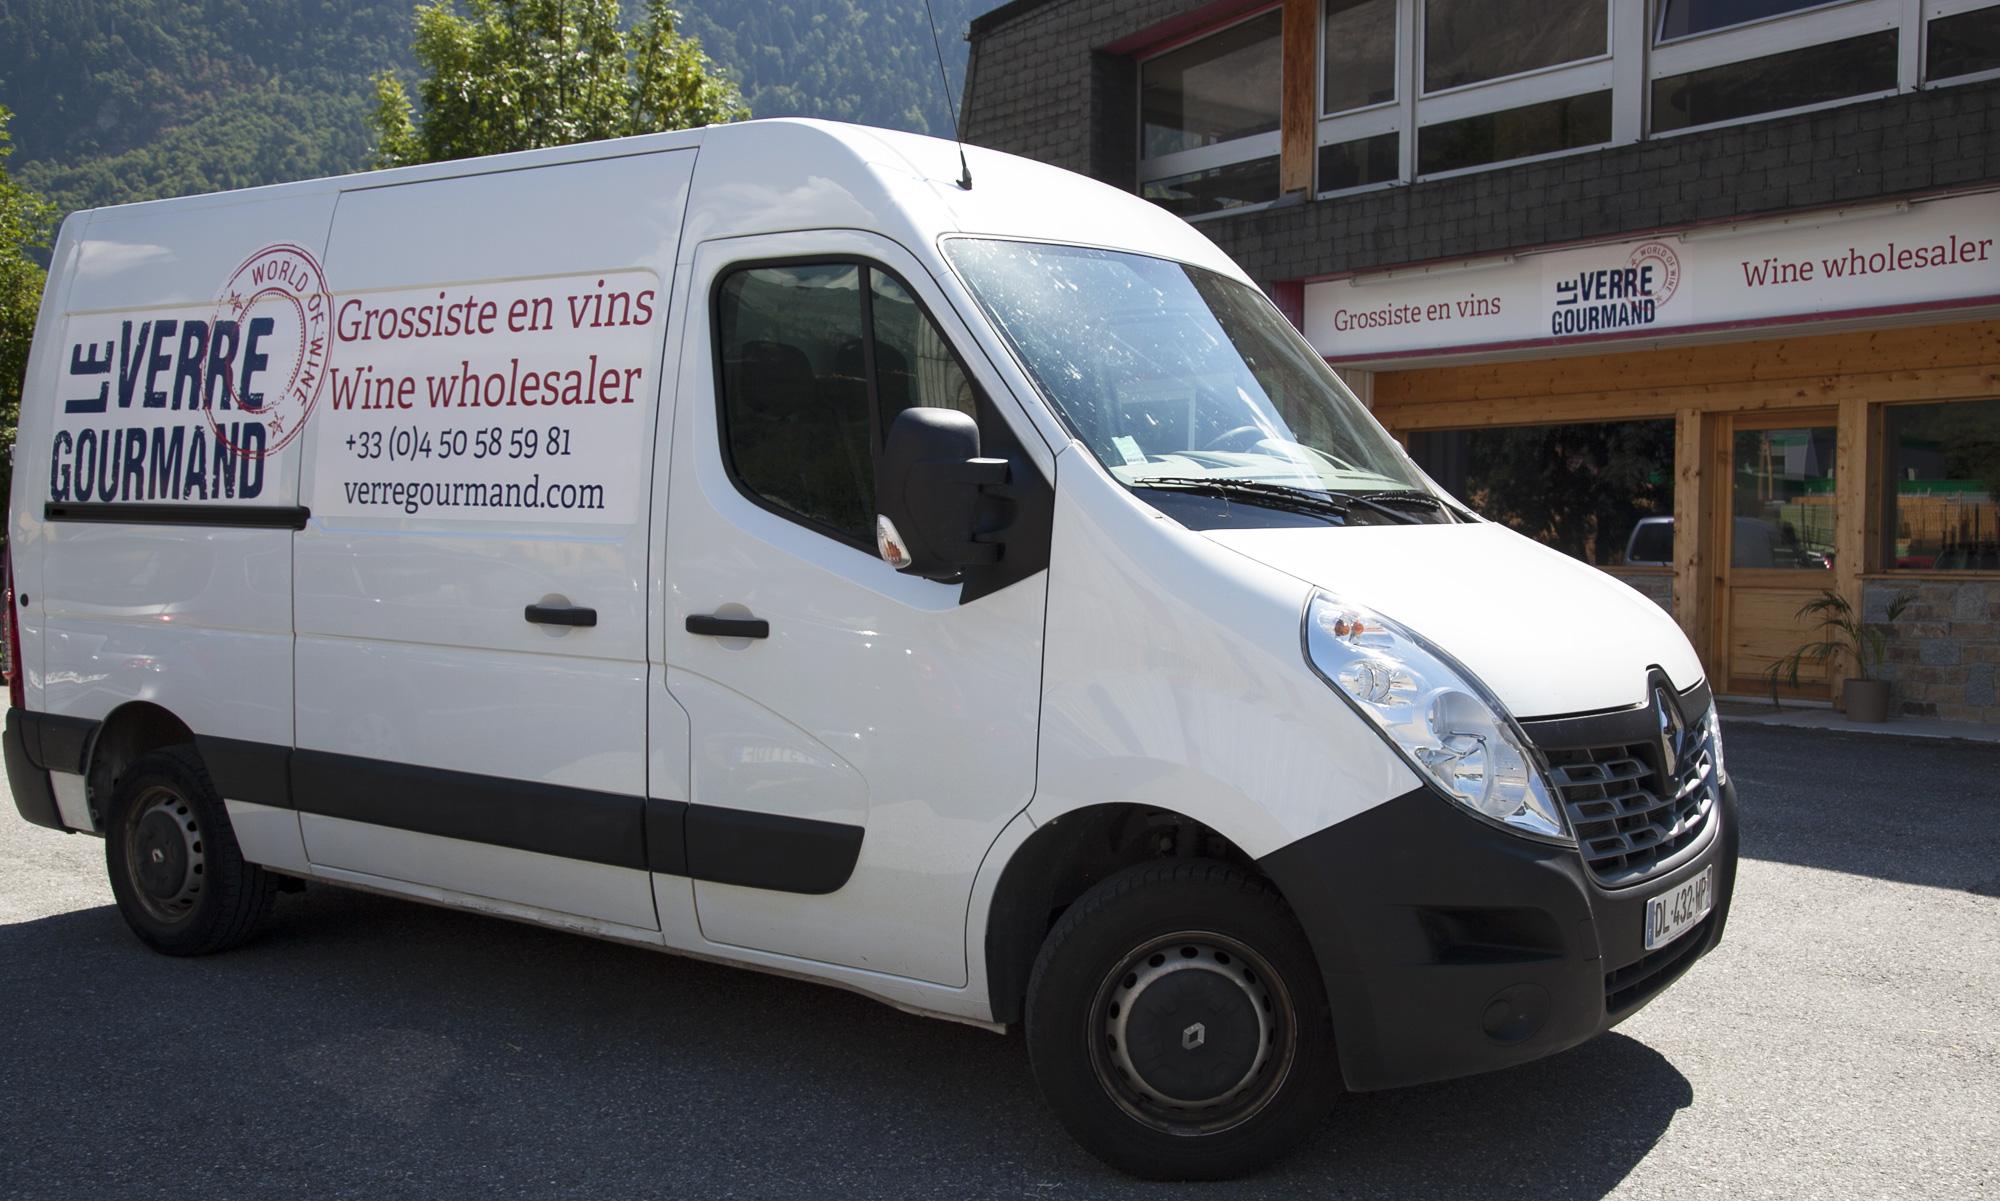 lvg-van+sign